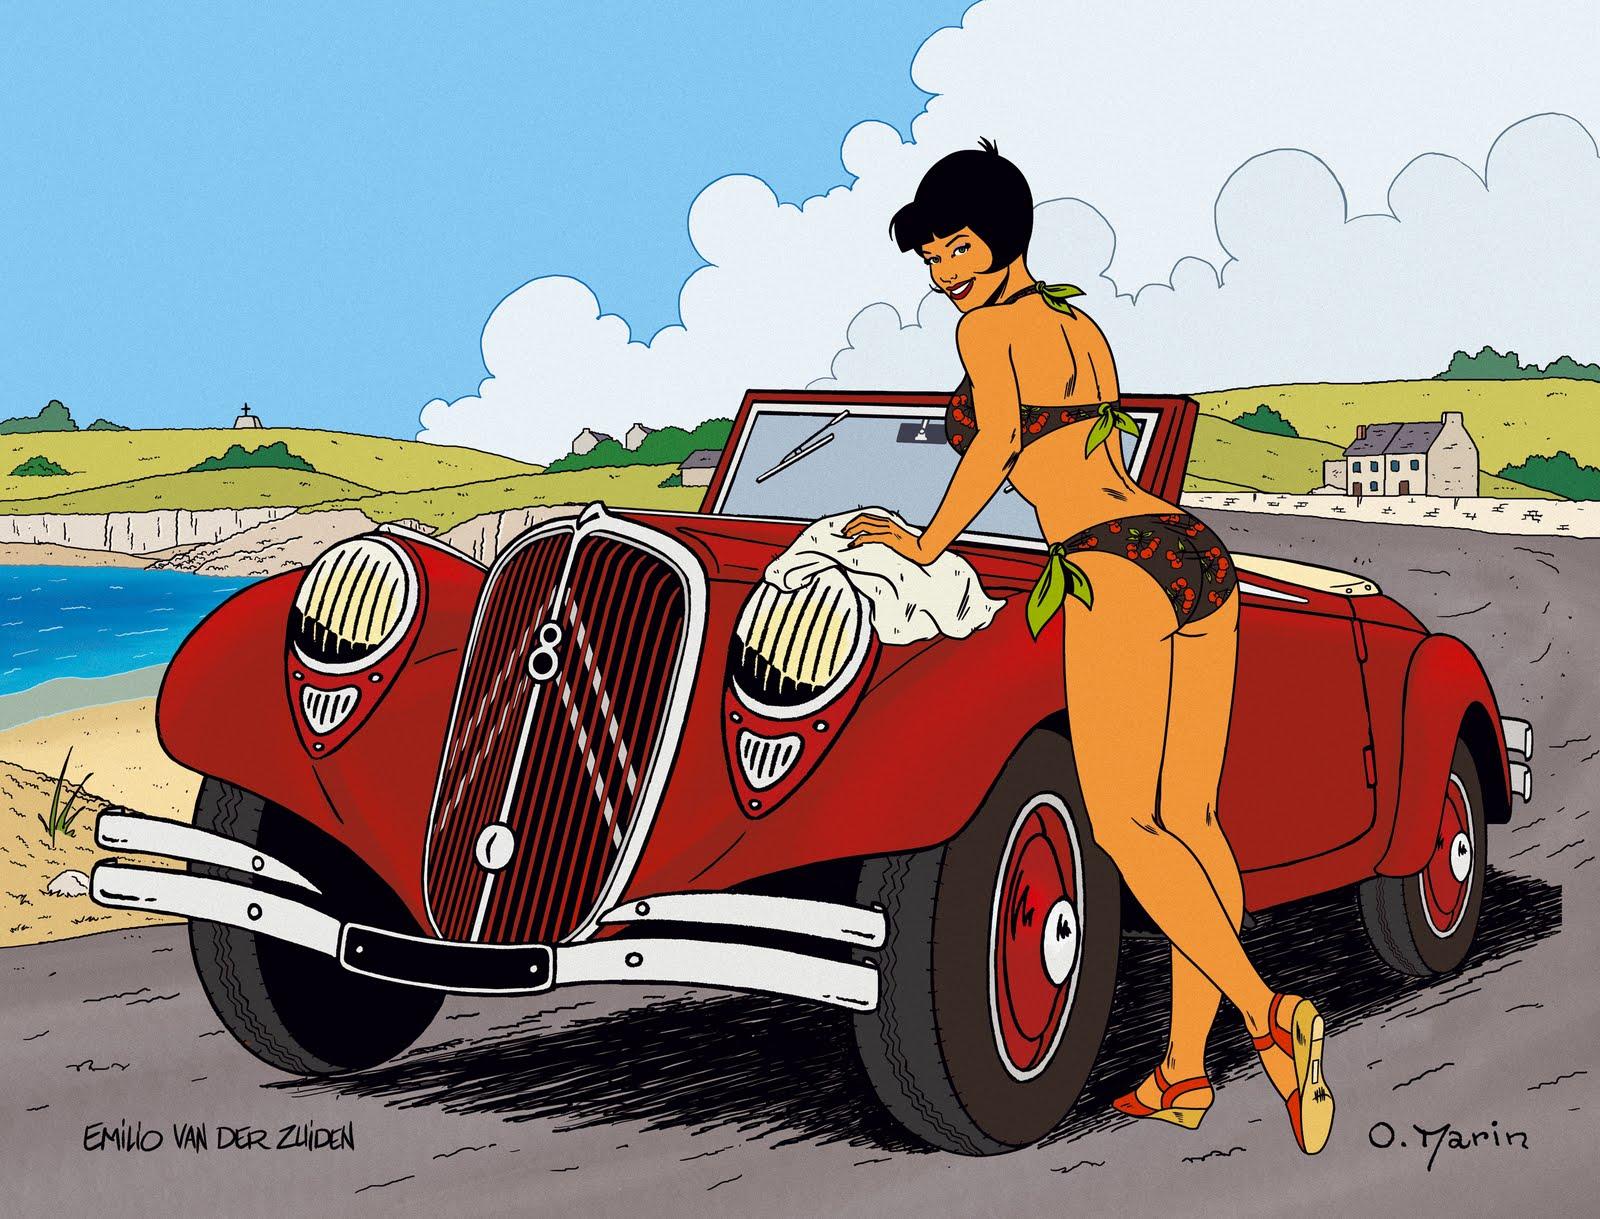 [Librairie] Livres, BD et autres dédiés à l'automobile Traction22-Graff